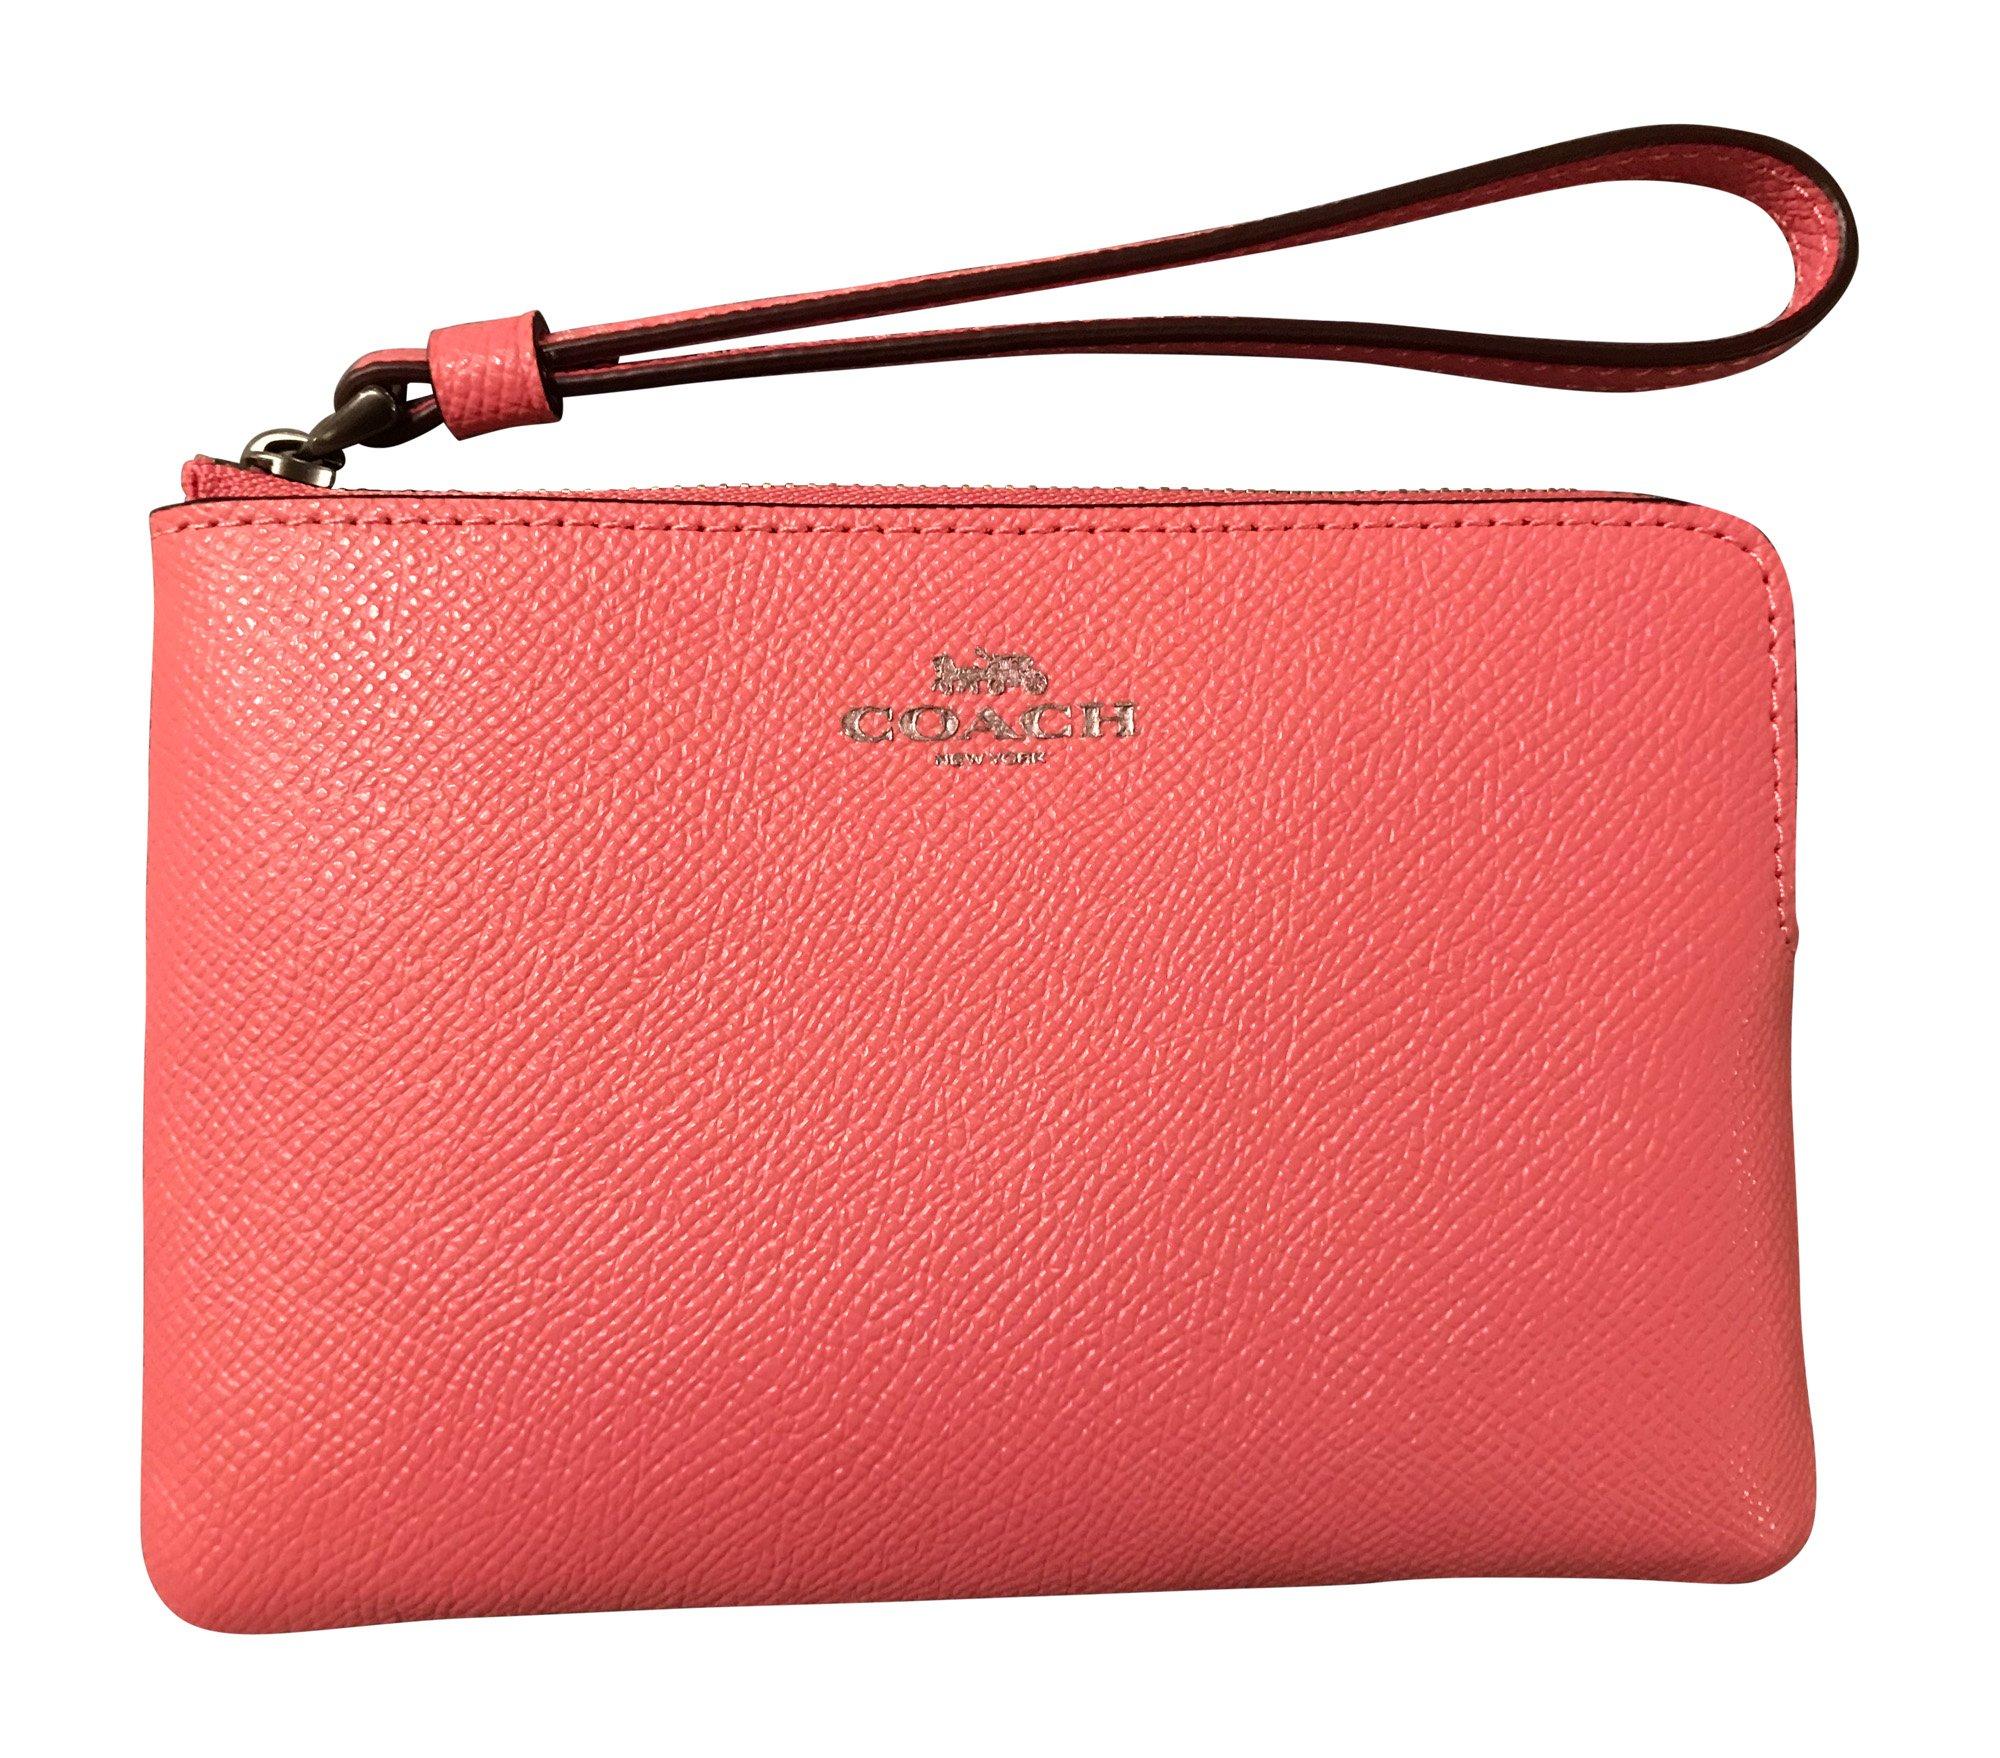 Coach Crossgrain Leather Corner Zip Wristlet, Pink